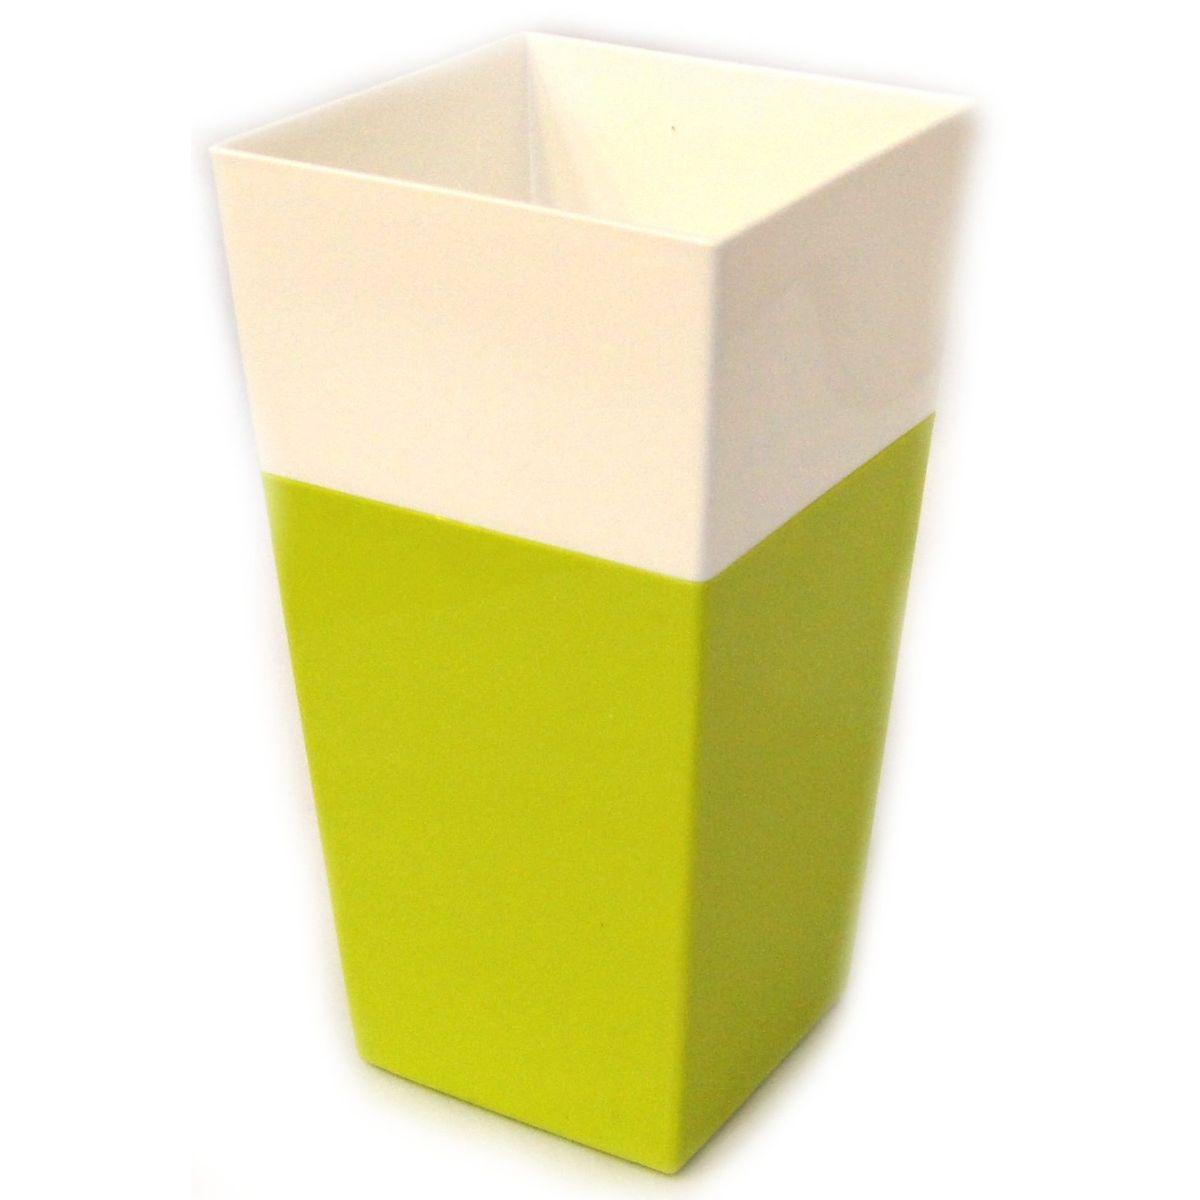 Кашпо JetPlast Дуэт 260, цвет: фисташковый, белый, 13 x 13 x 26 см4612754052059Горшок имеет строгий дизайн и состоит из двух частей: верхней части для цветка и нижней – поддона. Конструкция горшка позволяет, при желании, использовать систему фитильного полива, снабдив горшок веревкой.